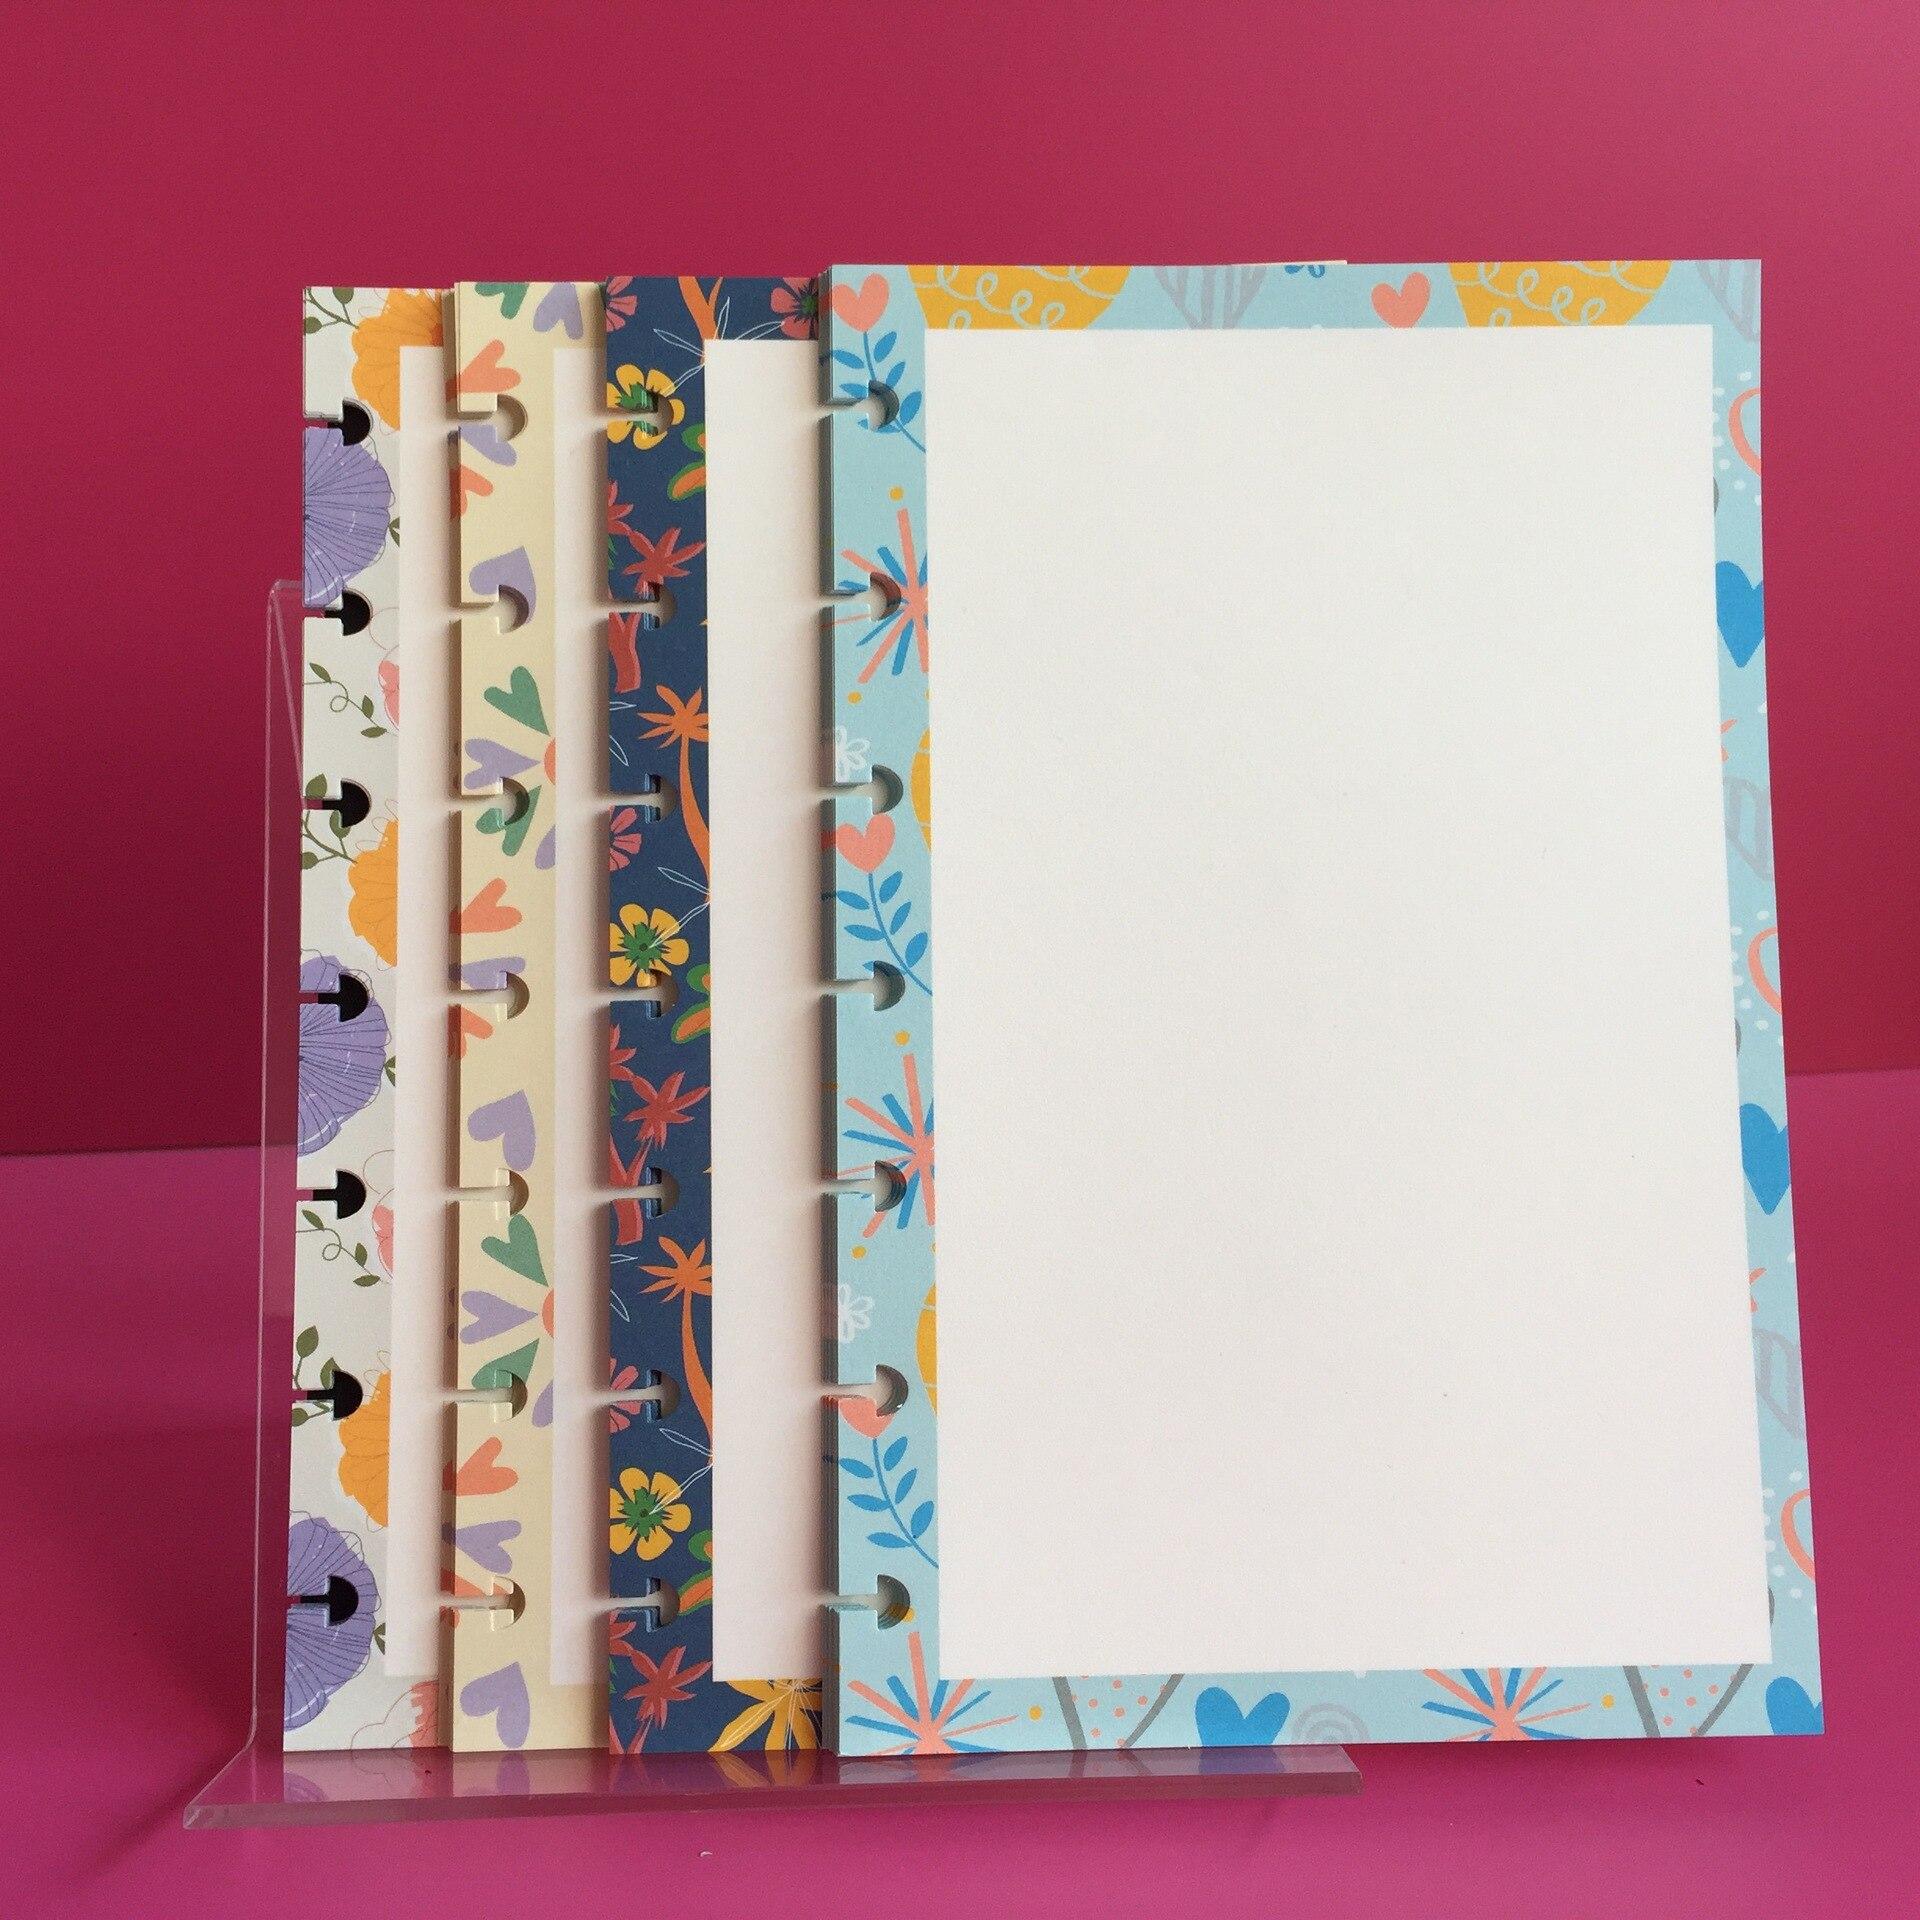 80 Uds A5B6 cuaderno de papel de hoja suelta libro de cuenta de mano recarga de papel de Daolin Bloc de notas colorido agujero de hongo interno hoja suelta